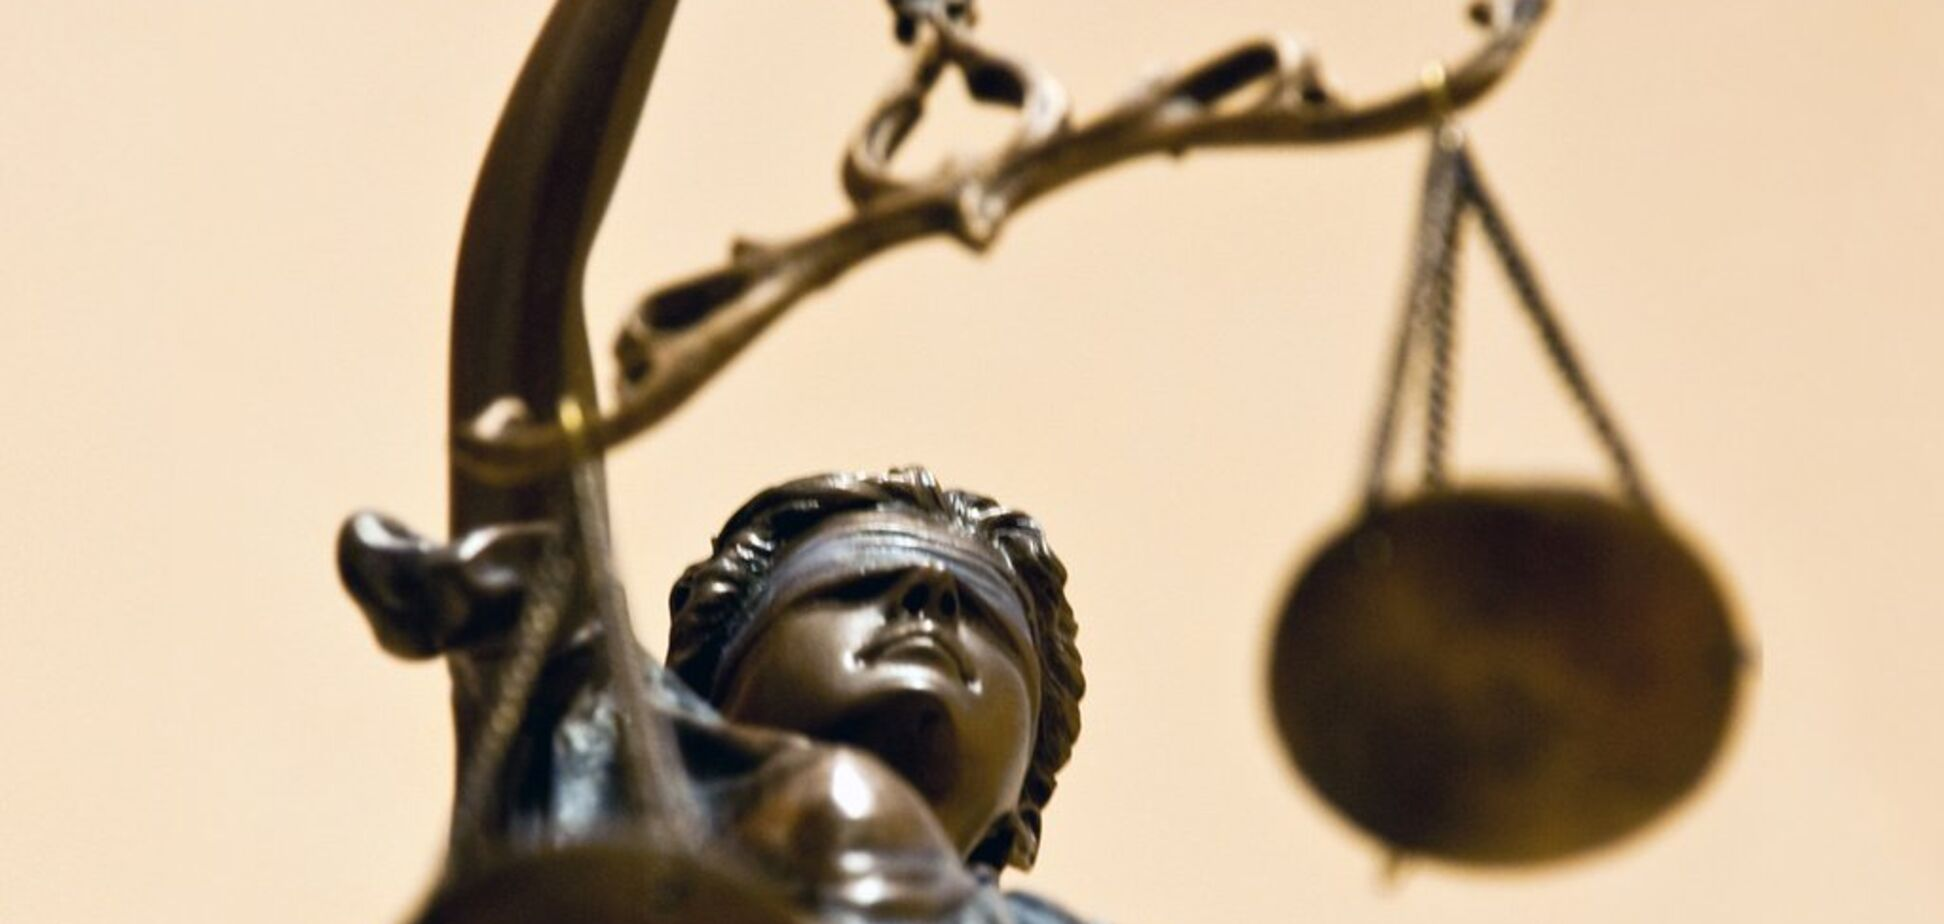 Українці стали більше довіряти судам: озвучені причини